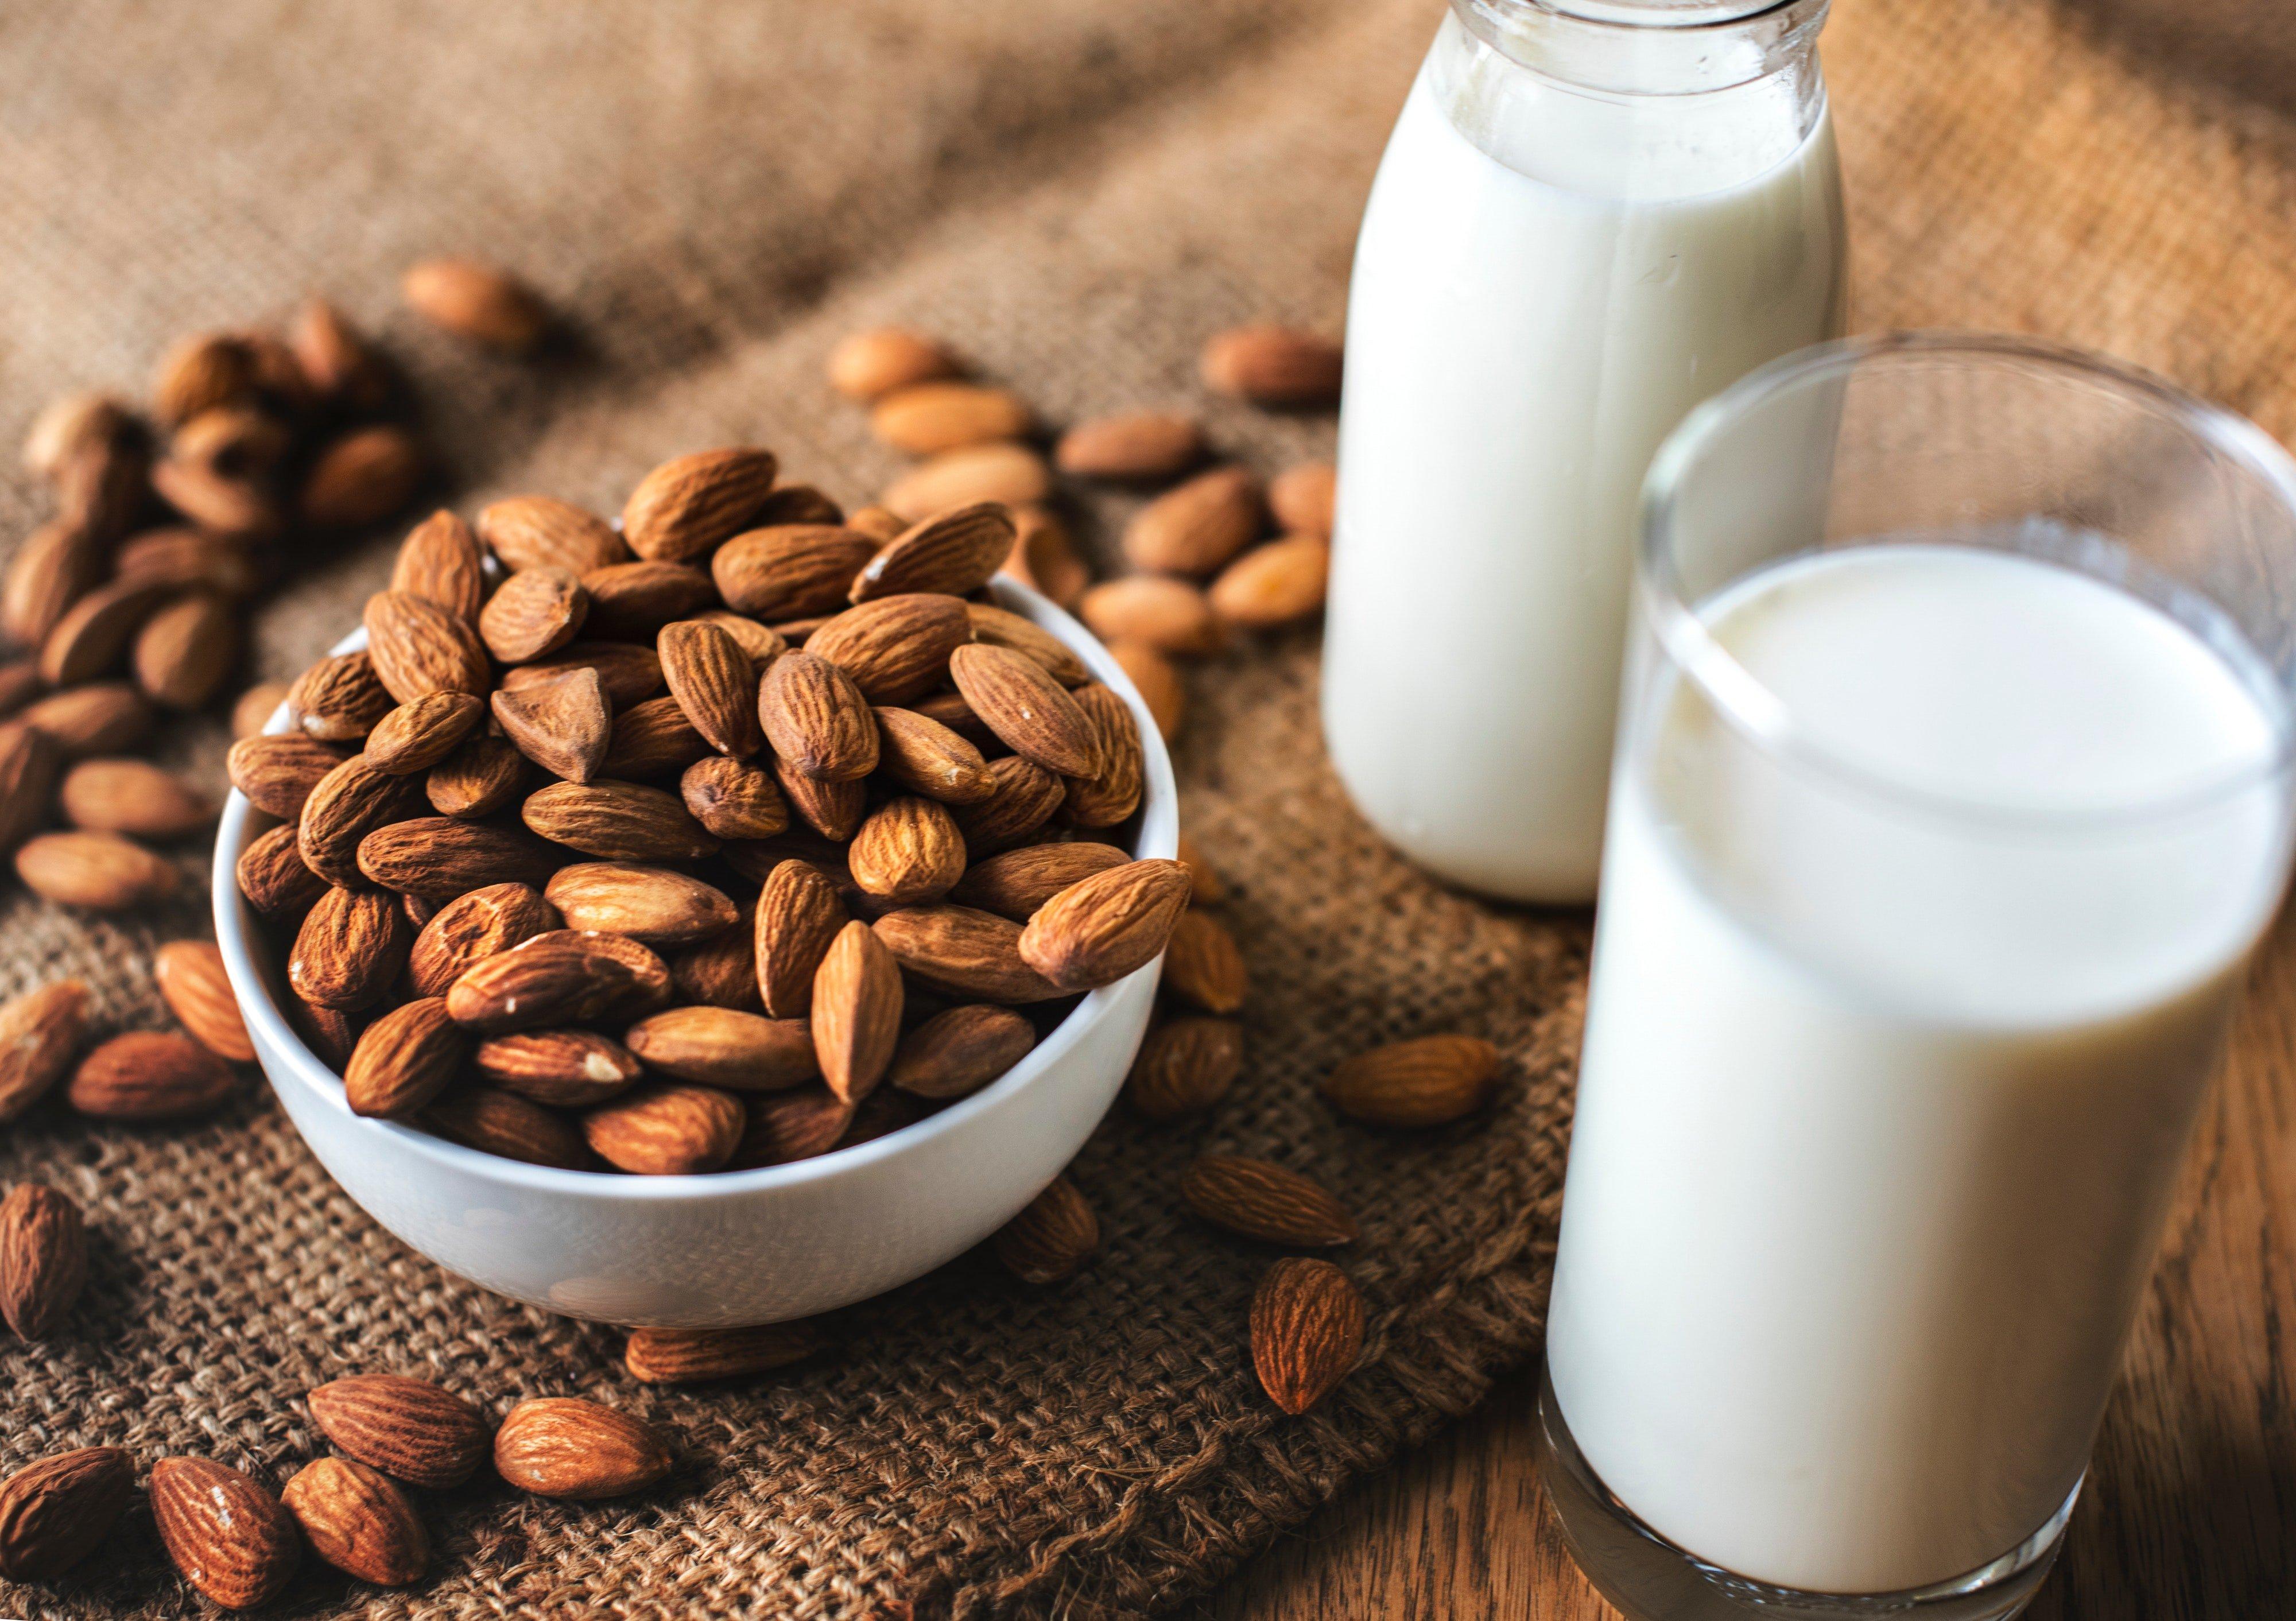 almond milk-vegan calcium rich foods